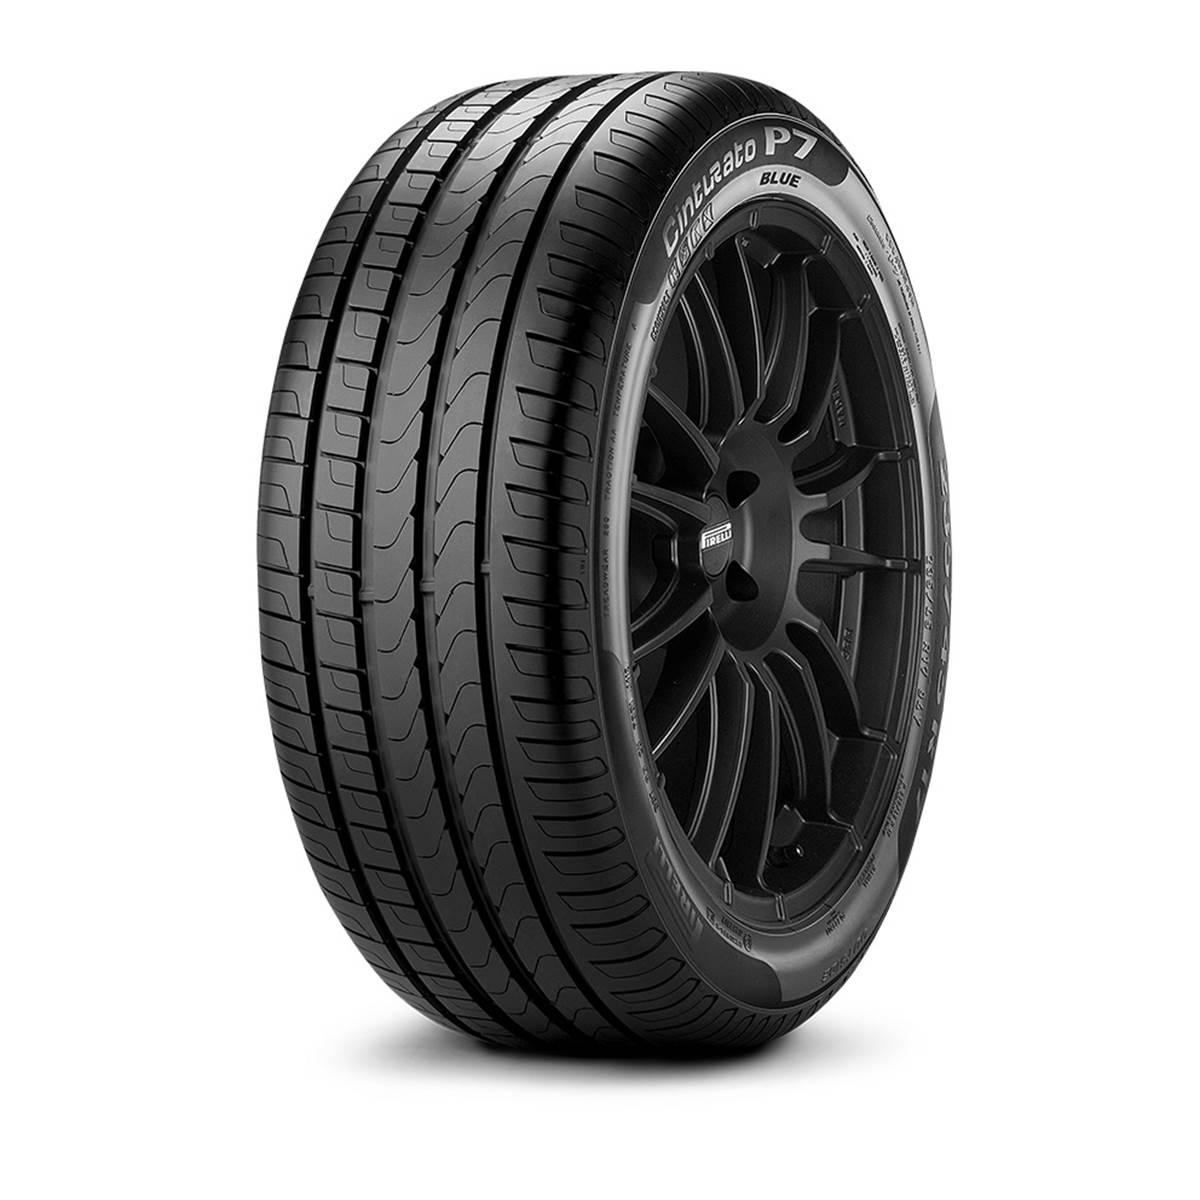 Pneu Pirelli 215/55R16 93W Cinturato P7 Blue